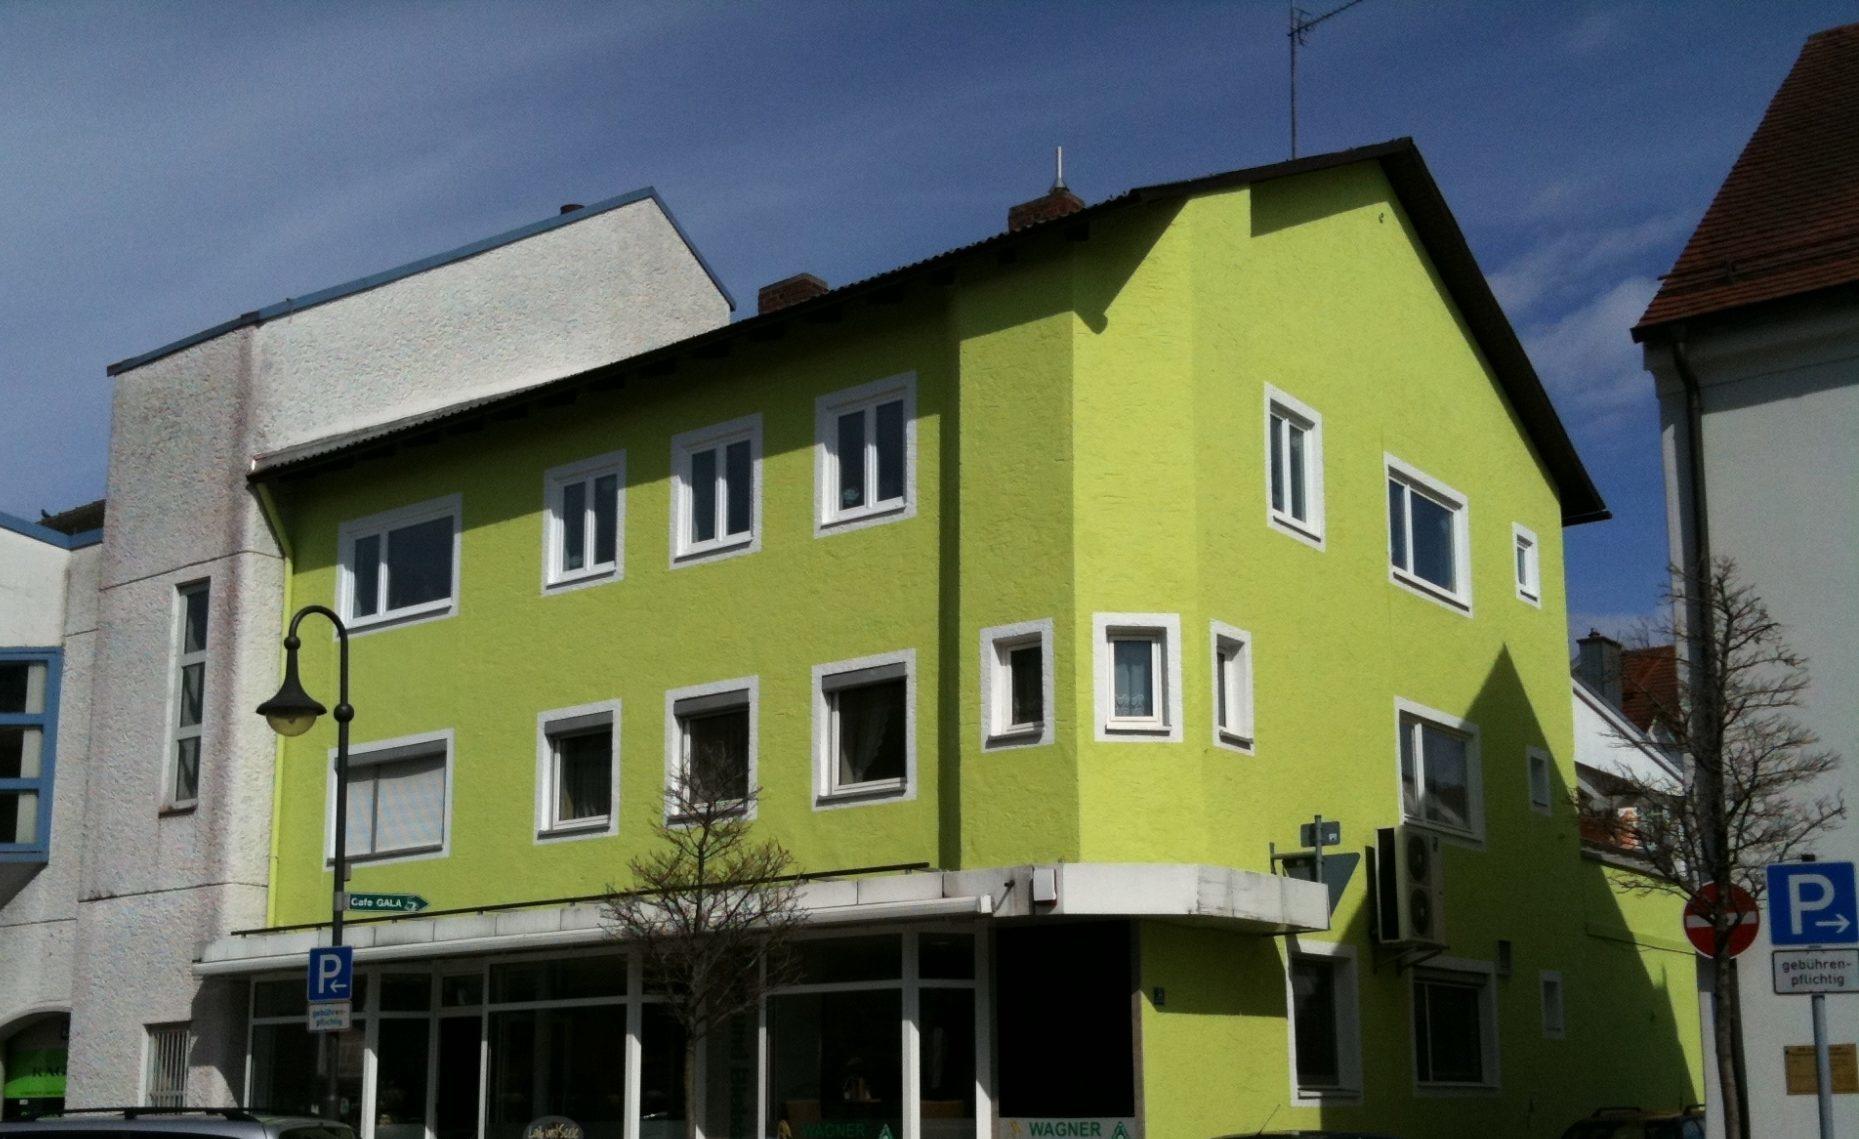 Simbacher Str. 3